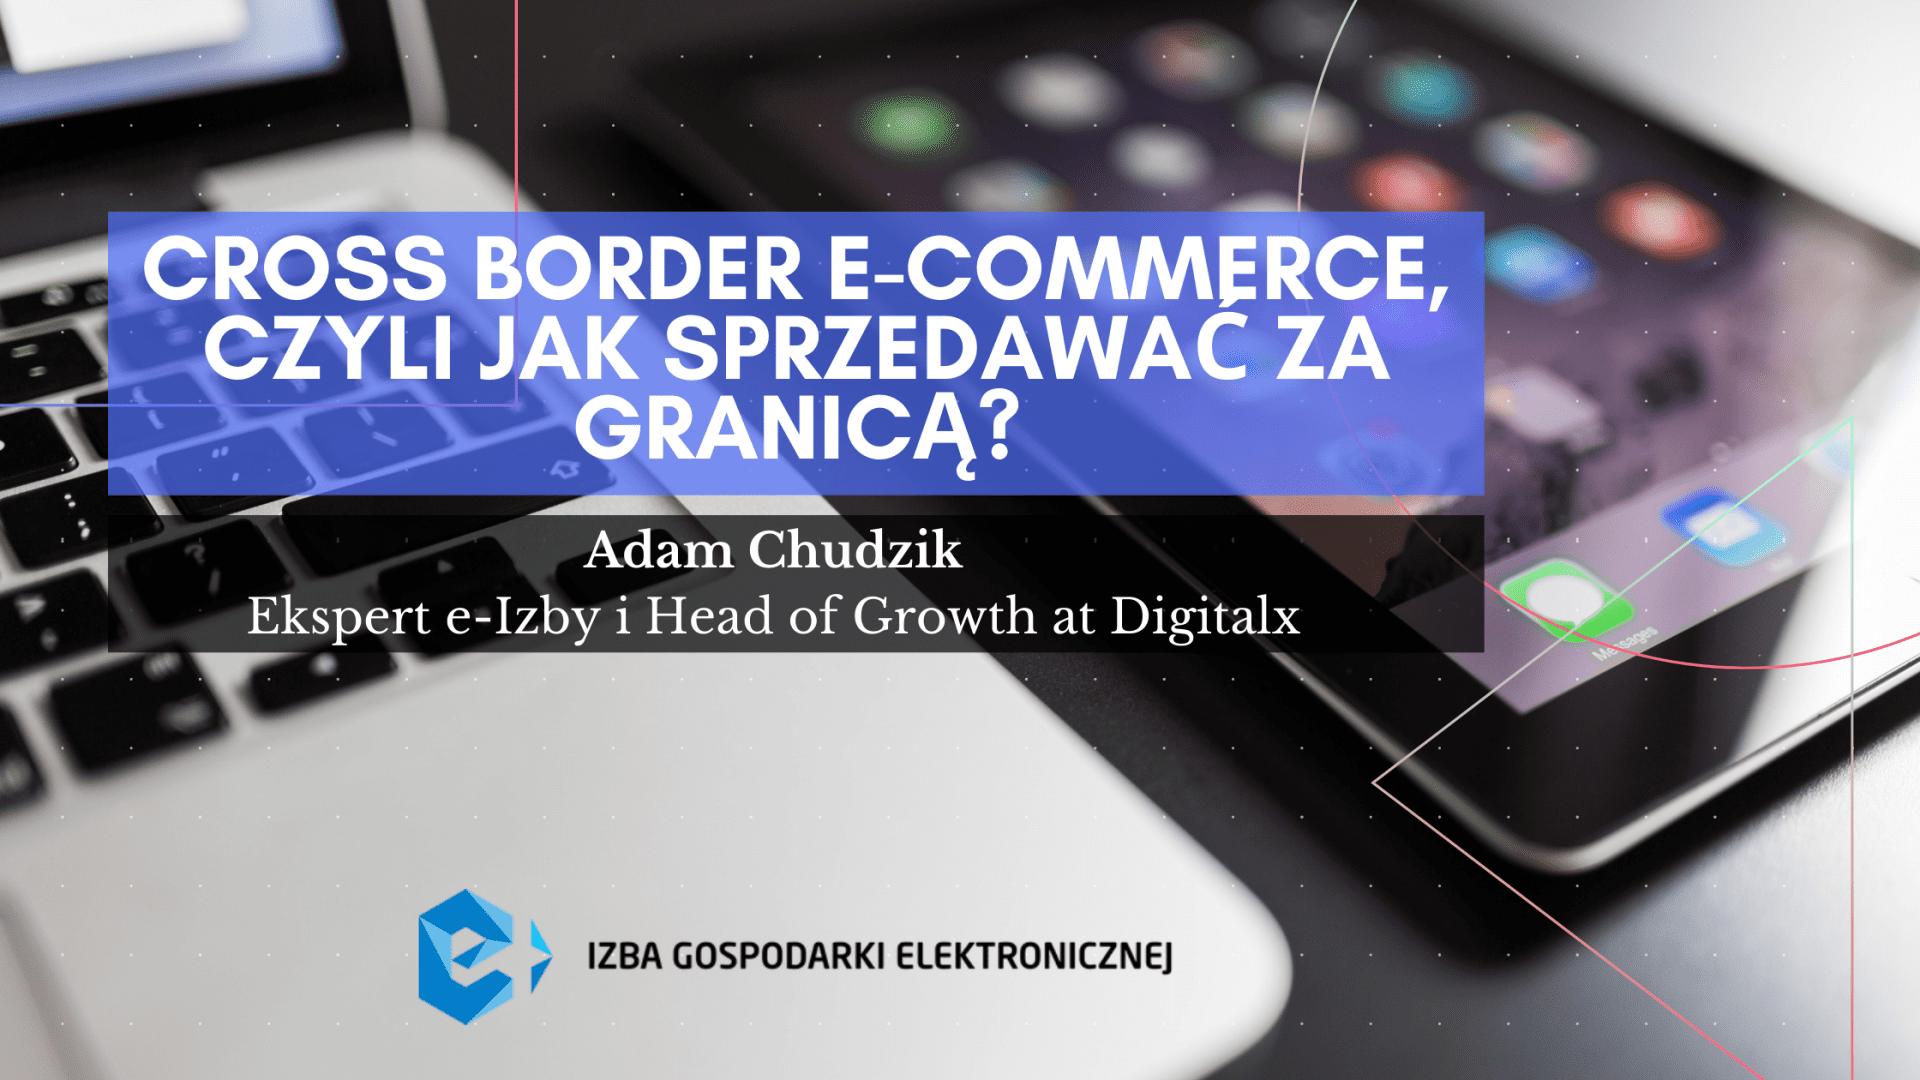 Cross border e-commerce, czyli jak sprzedawać za granicą?